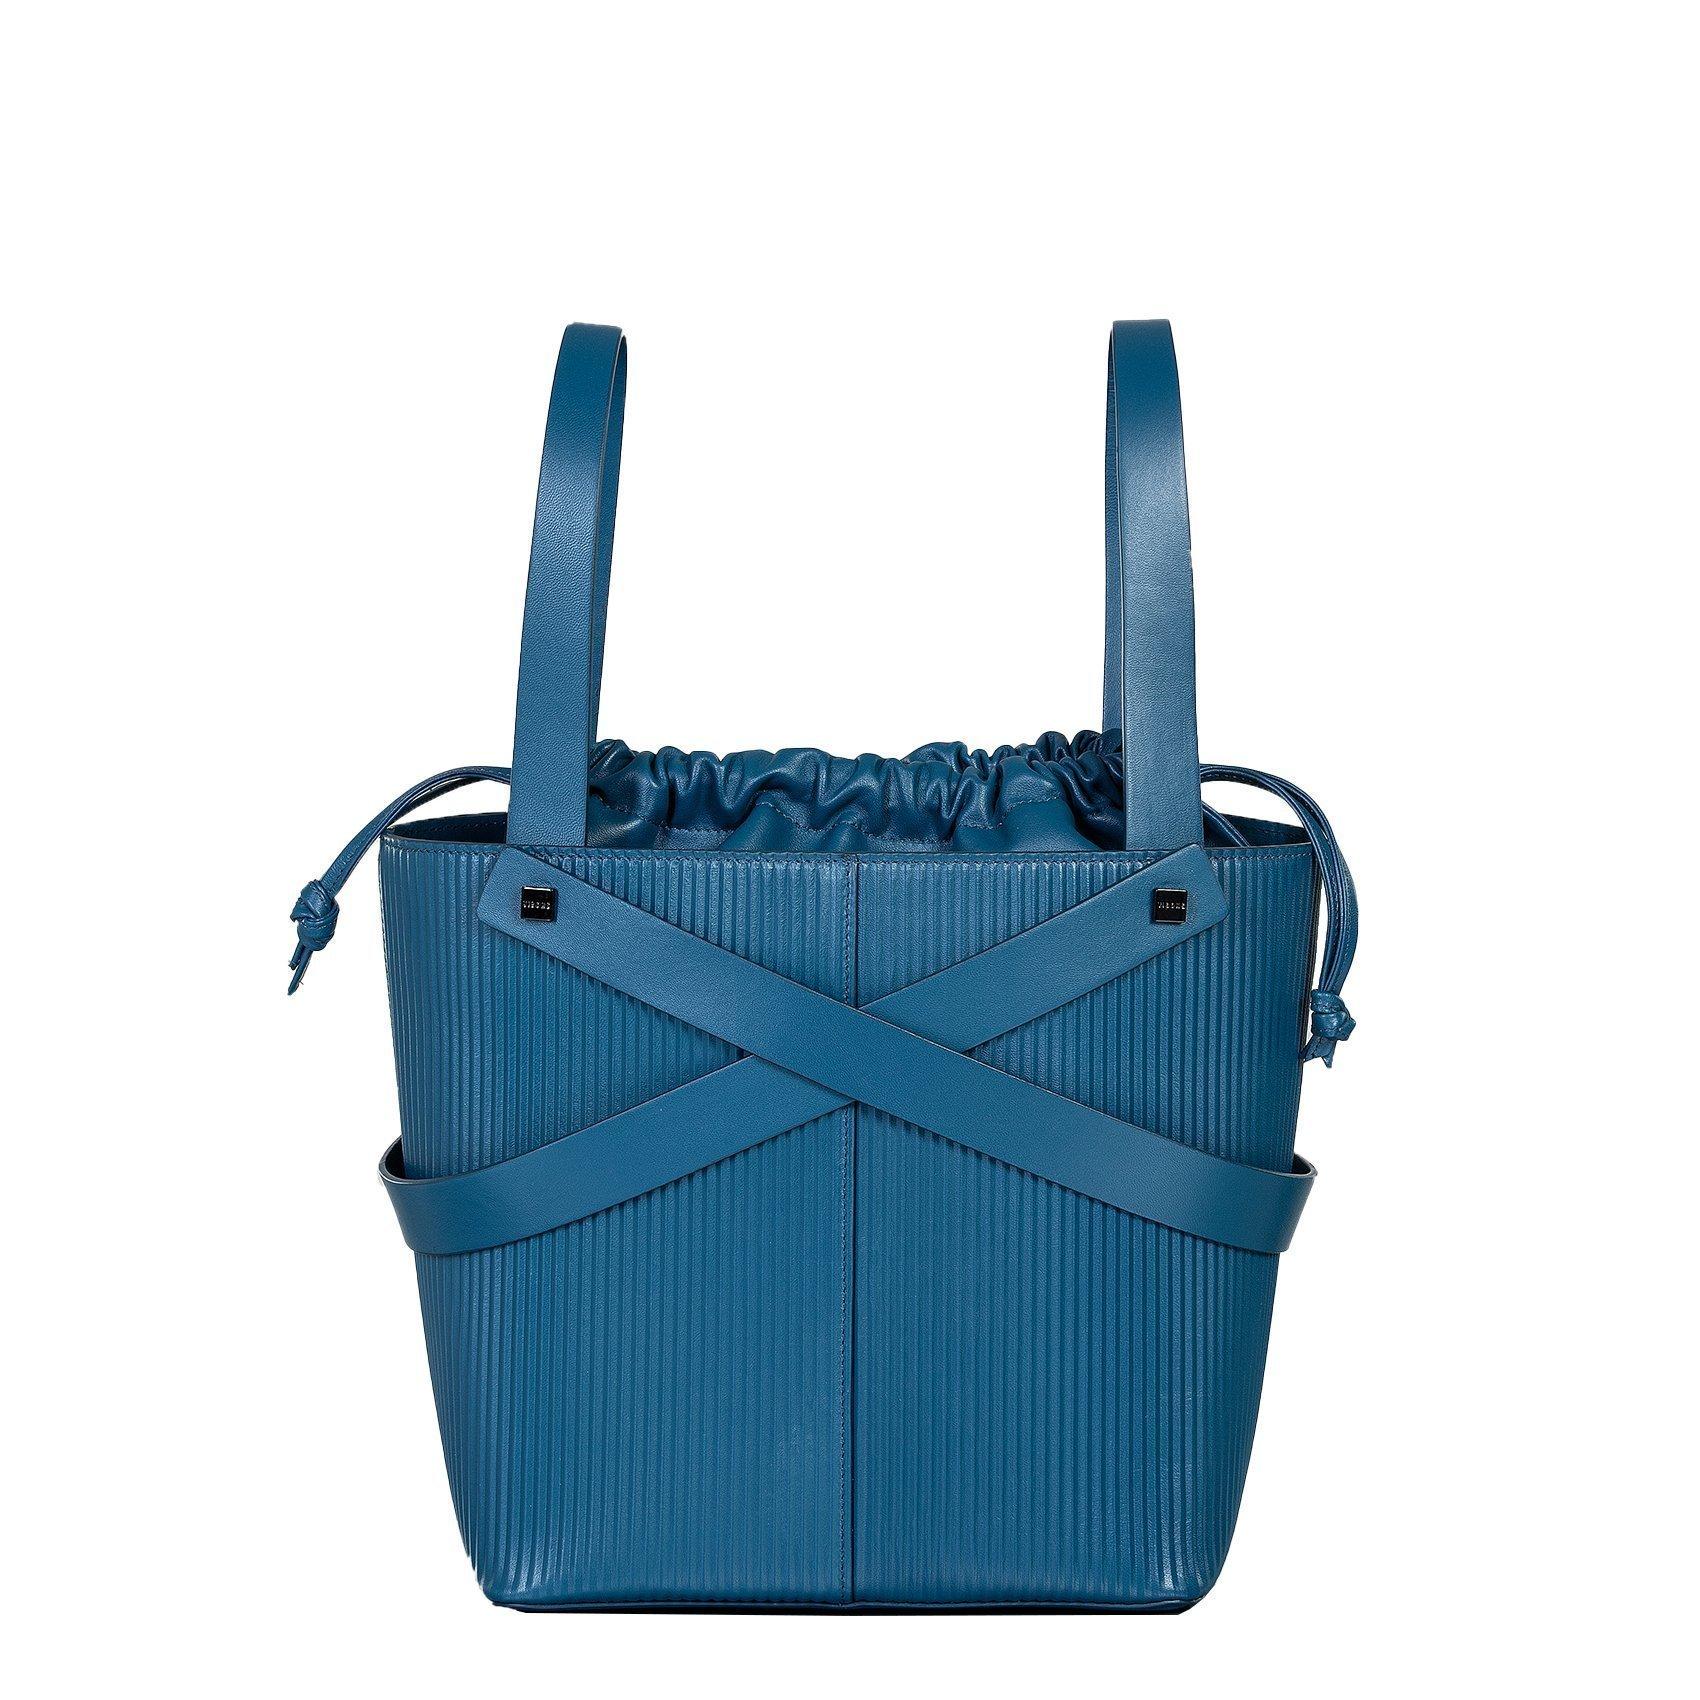 leila borsa a mano in pelle con trama a rilievo blu grande fronte